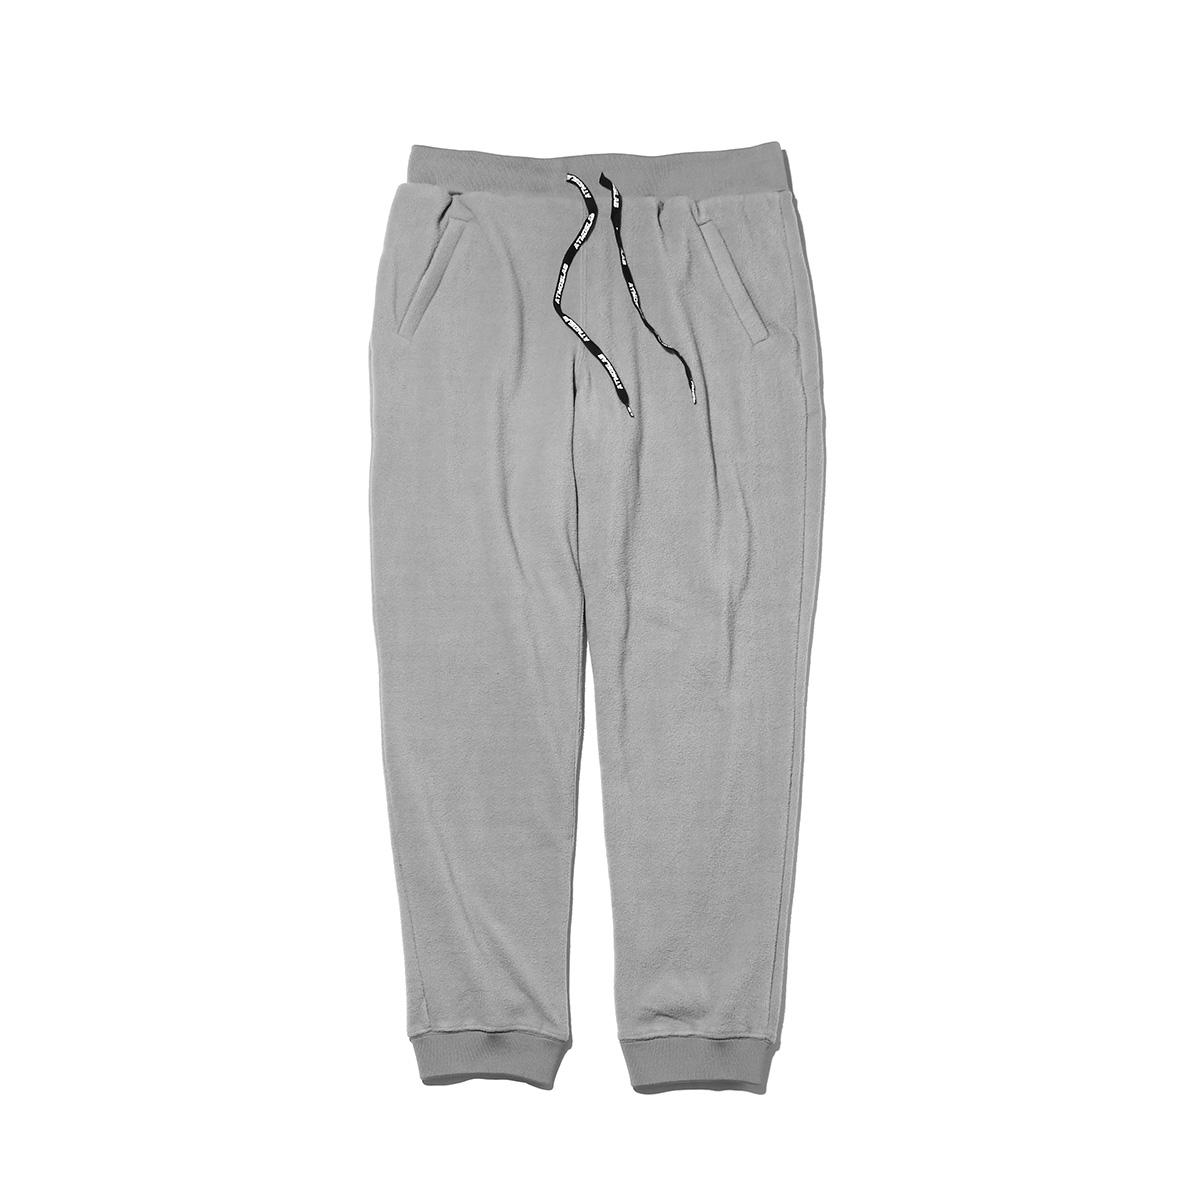 ATMOS LAB FLEECE PANTS(アトモスラボ フリース パンツ)GRAY【メンズ パンツ】18FW-S